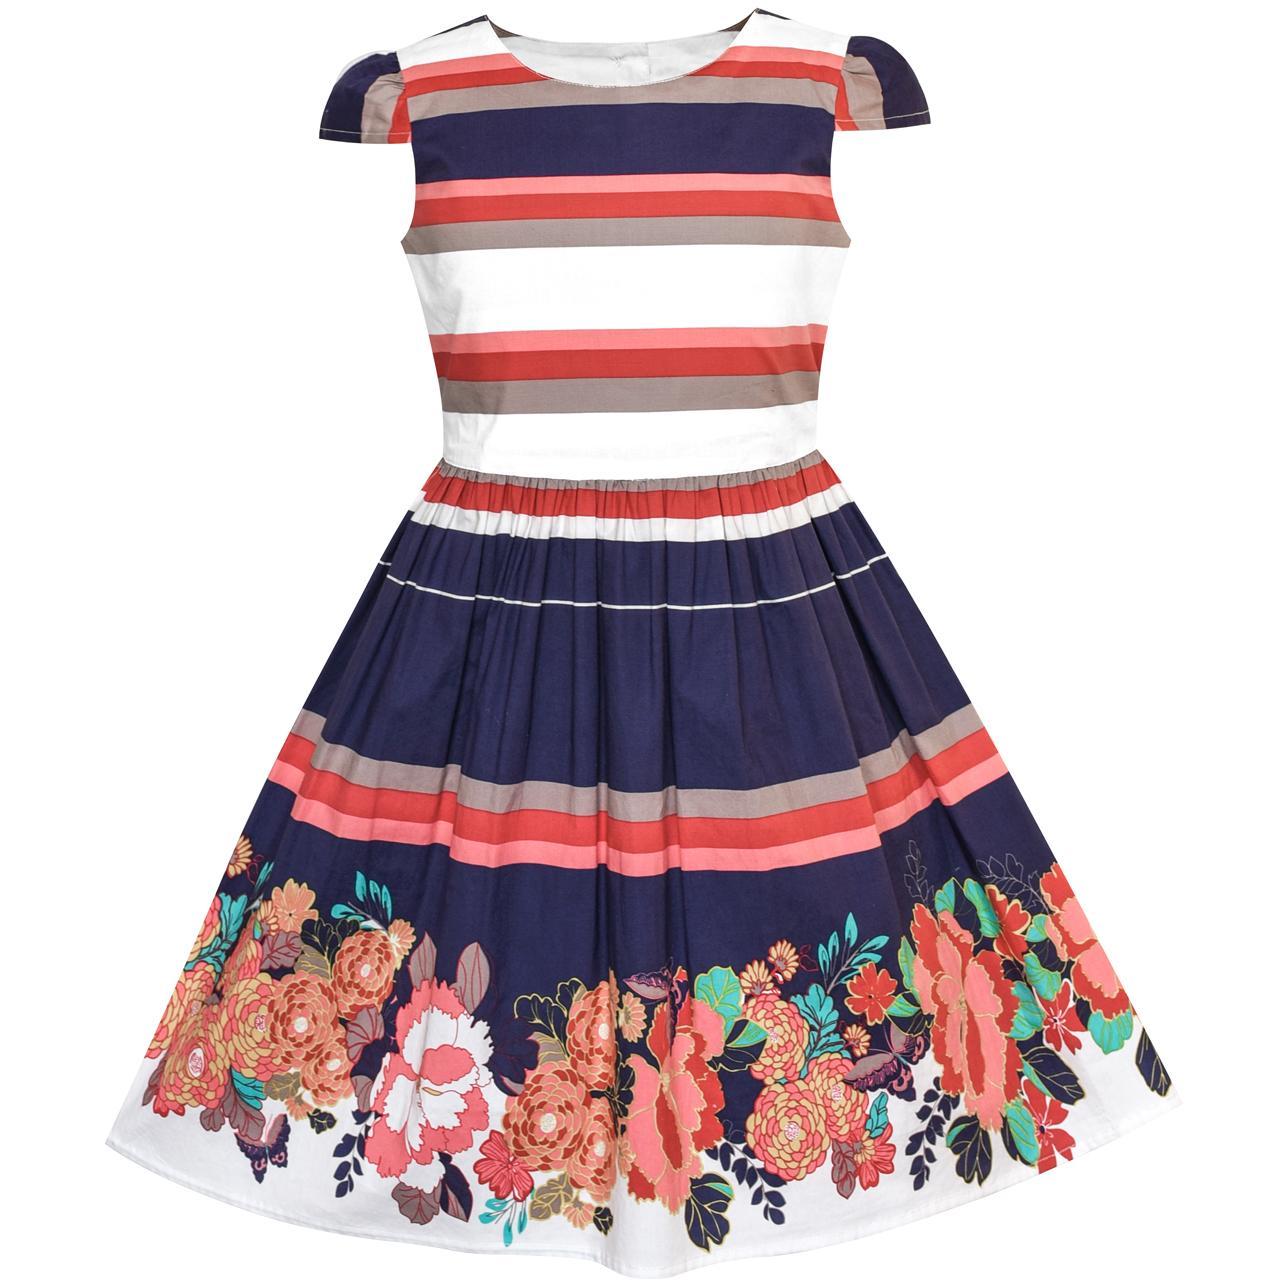 1a127a267cebd Girls Dress Ocean Sailboat Striped Halter Dress Cotton 2018 Summer ...